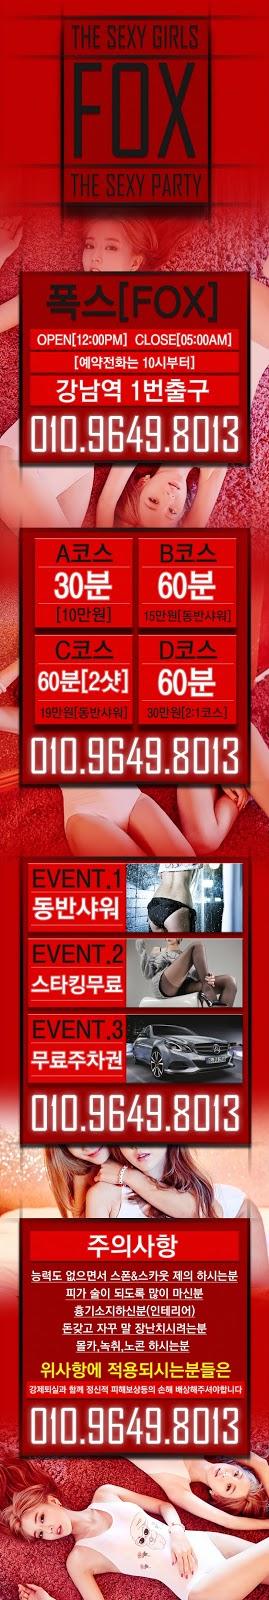 [강 남]-❤ 역대급! NF 영입 성공! 있을때 보셔야합니다!!   ❤ ✬✬✬ ❤ HD 100% 실사 ❤ ✬✬✬ ◘◘◘ 오피 휴게텔 ❤ 명품 FOX ❤ ◘◘◘